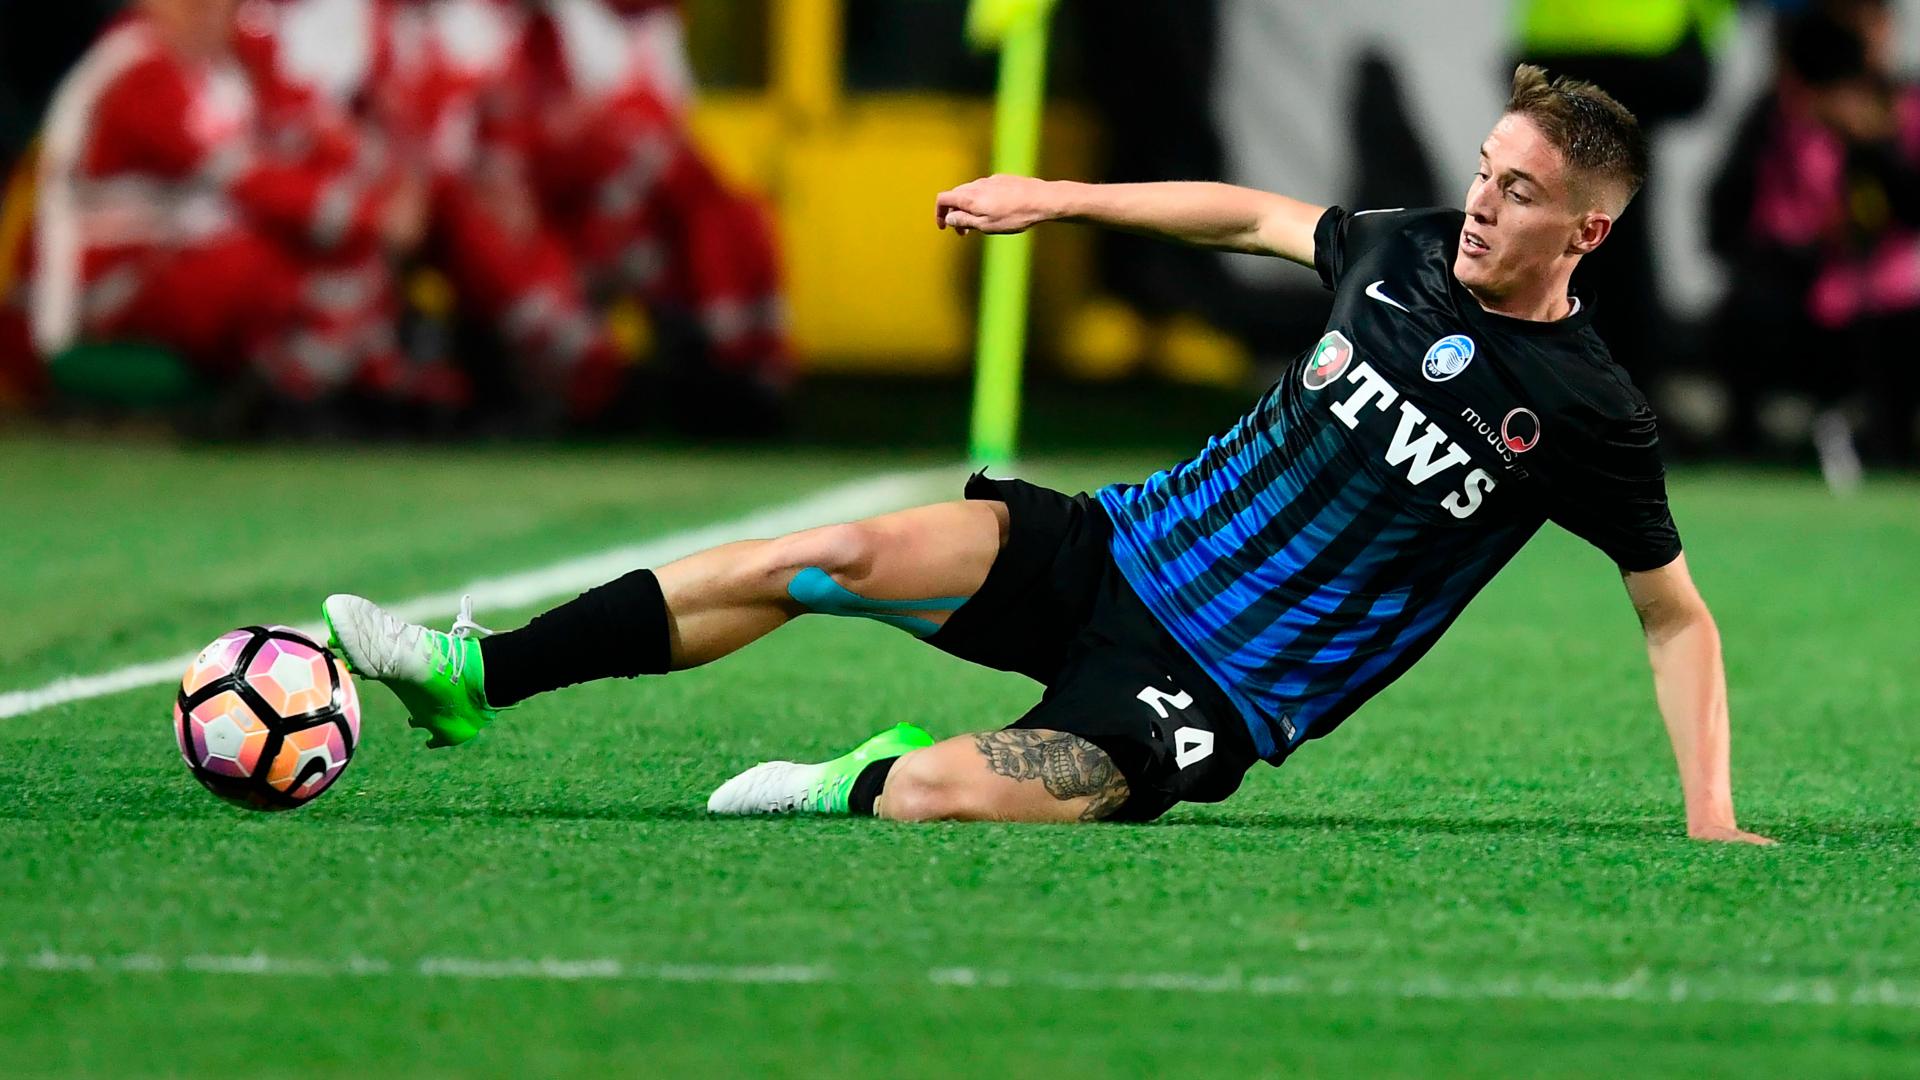 MN - Il Milan è avanti su Conti: la situazione